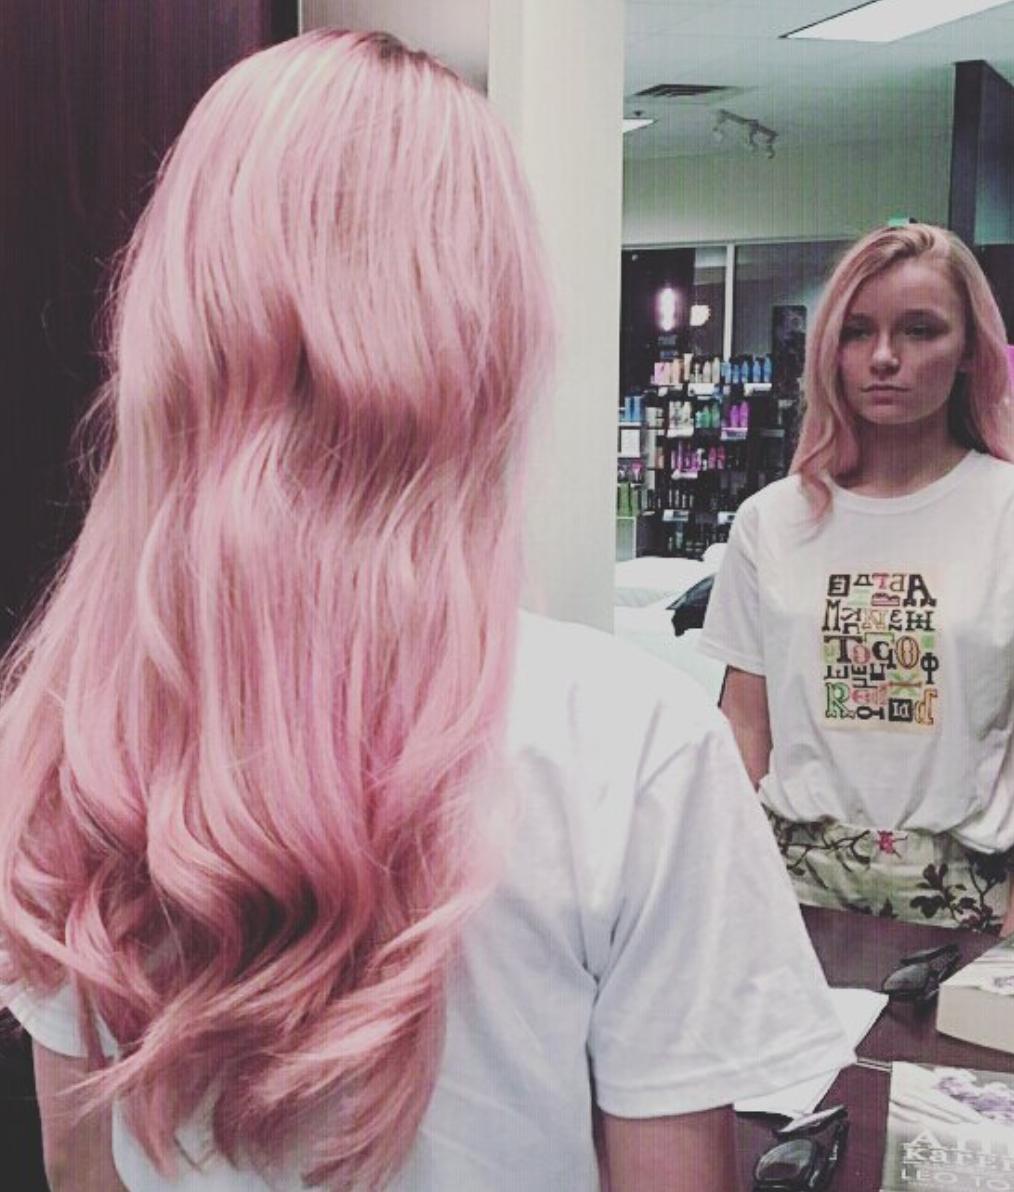 Olga Demskaya Las Vegas Hair 11.png